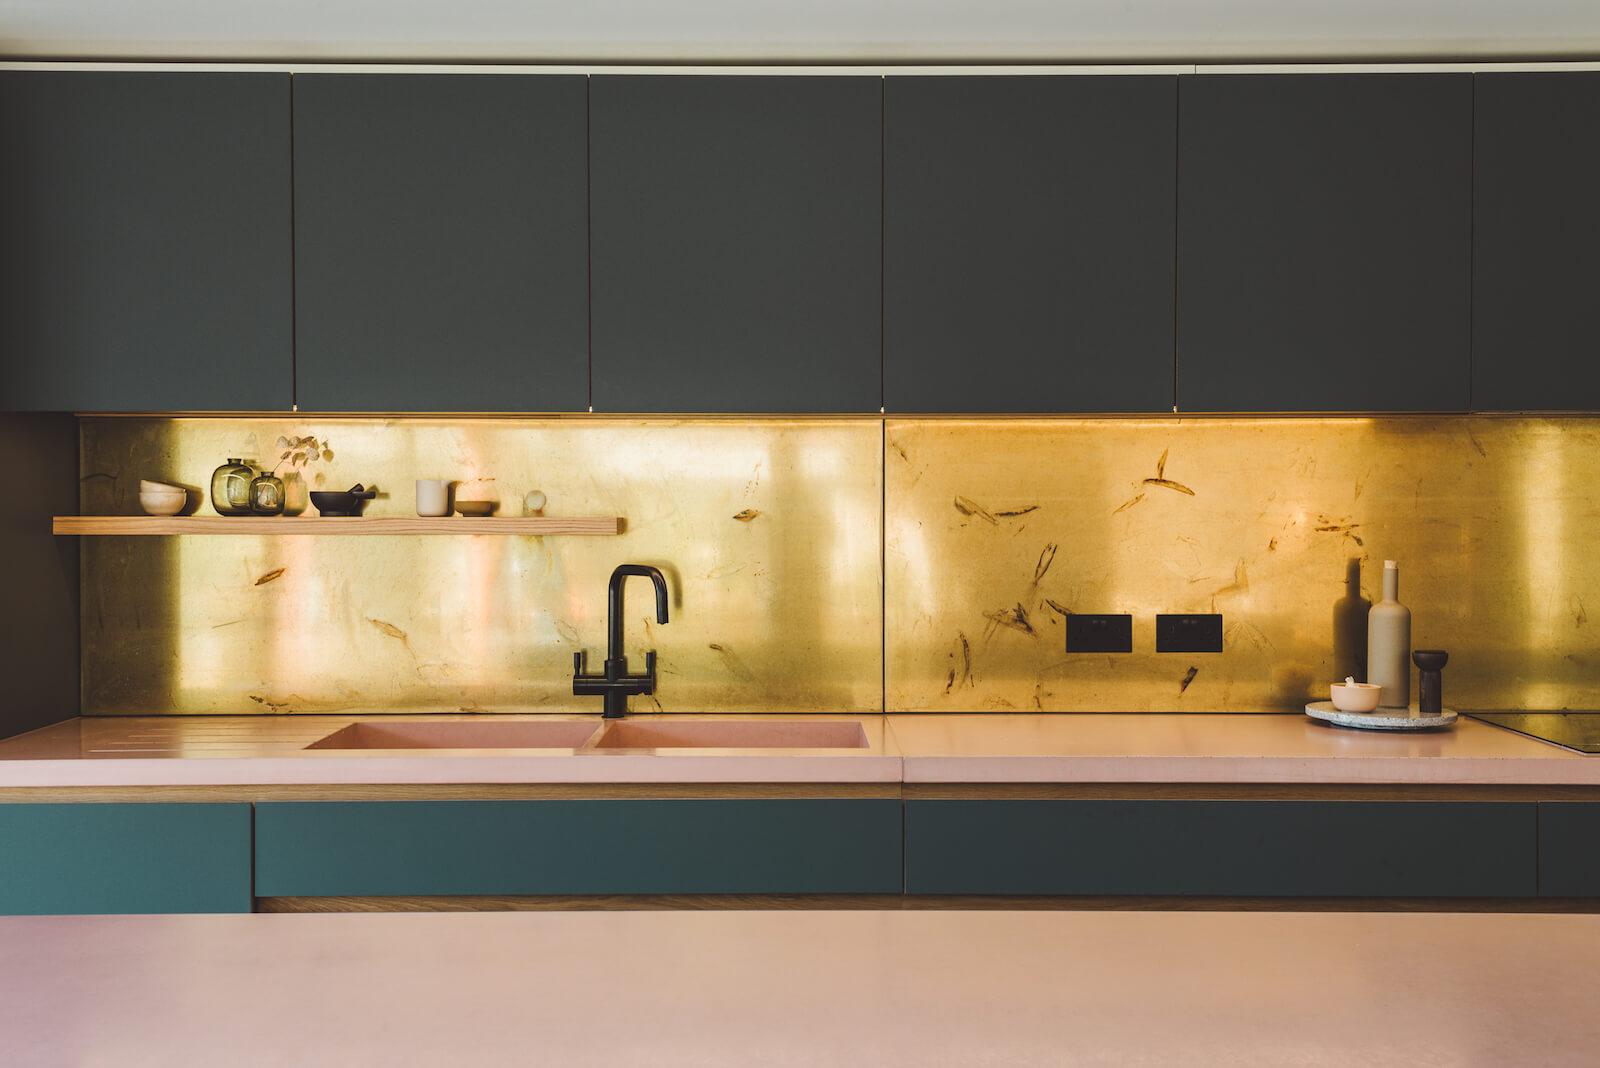 Marine parade - bespoke handmade kitchen, birch plywood, laminate, concrete worktop, whitstable, Kent, London